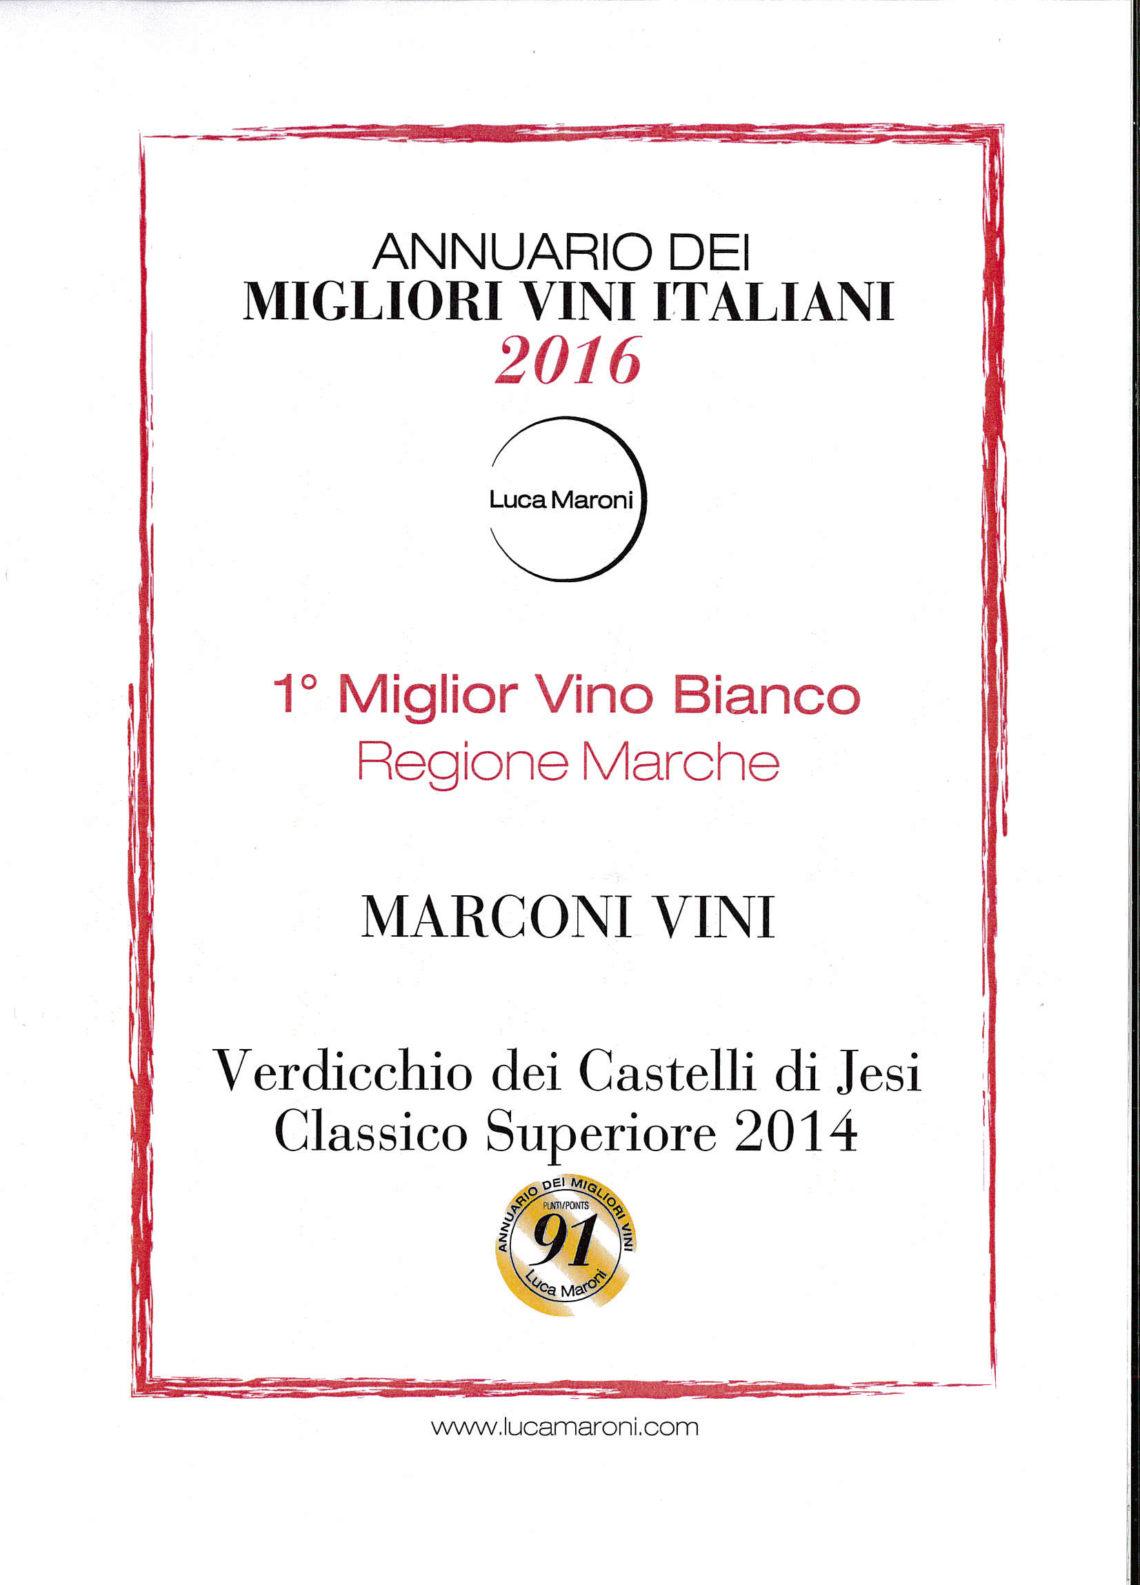 Marconi Vini - Verdicchio dei Castelli di Jesi Superiore 2014 - MigliorAnnuario dei Migliori Vini Italiani 2016